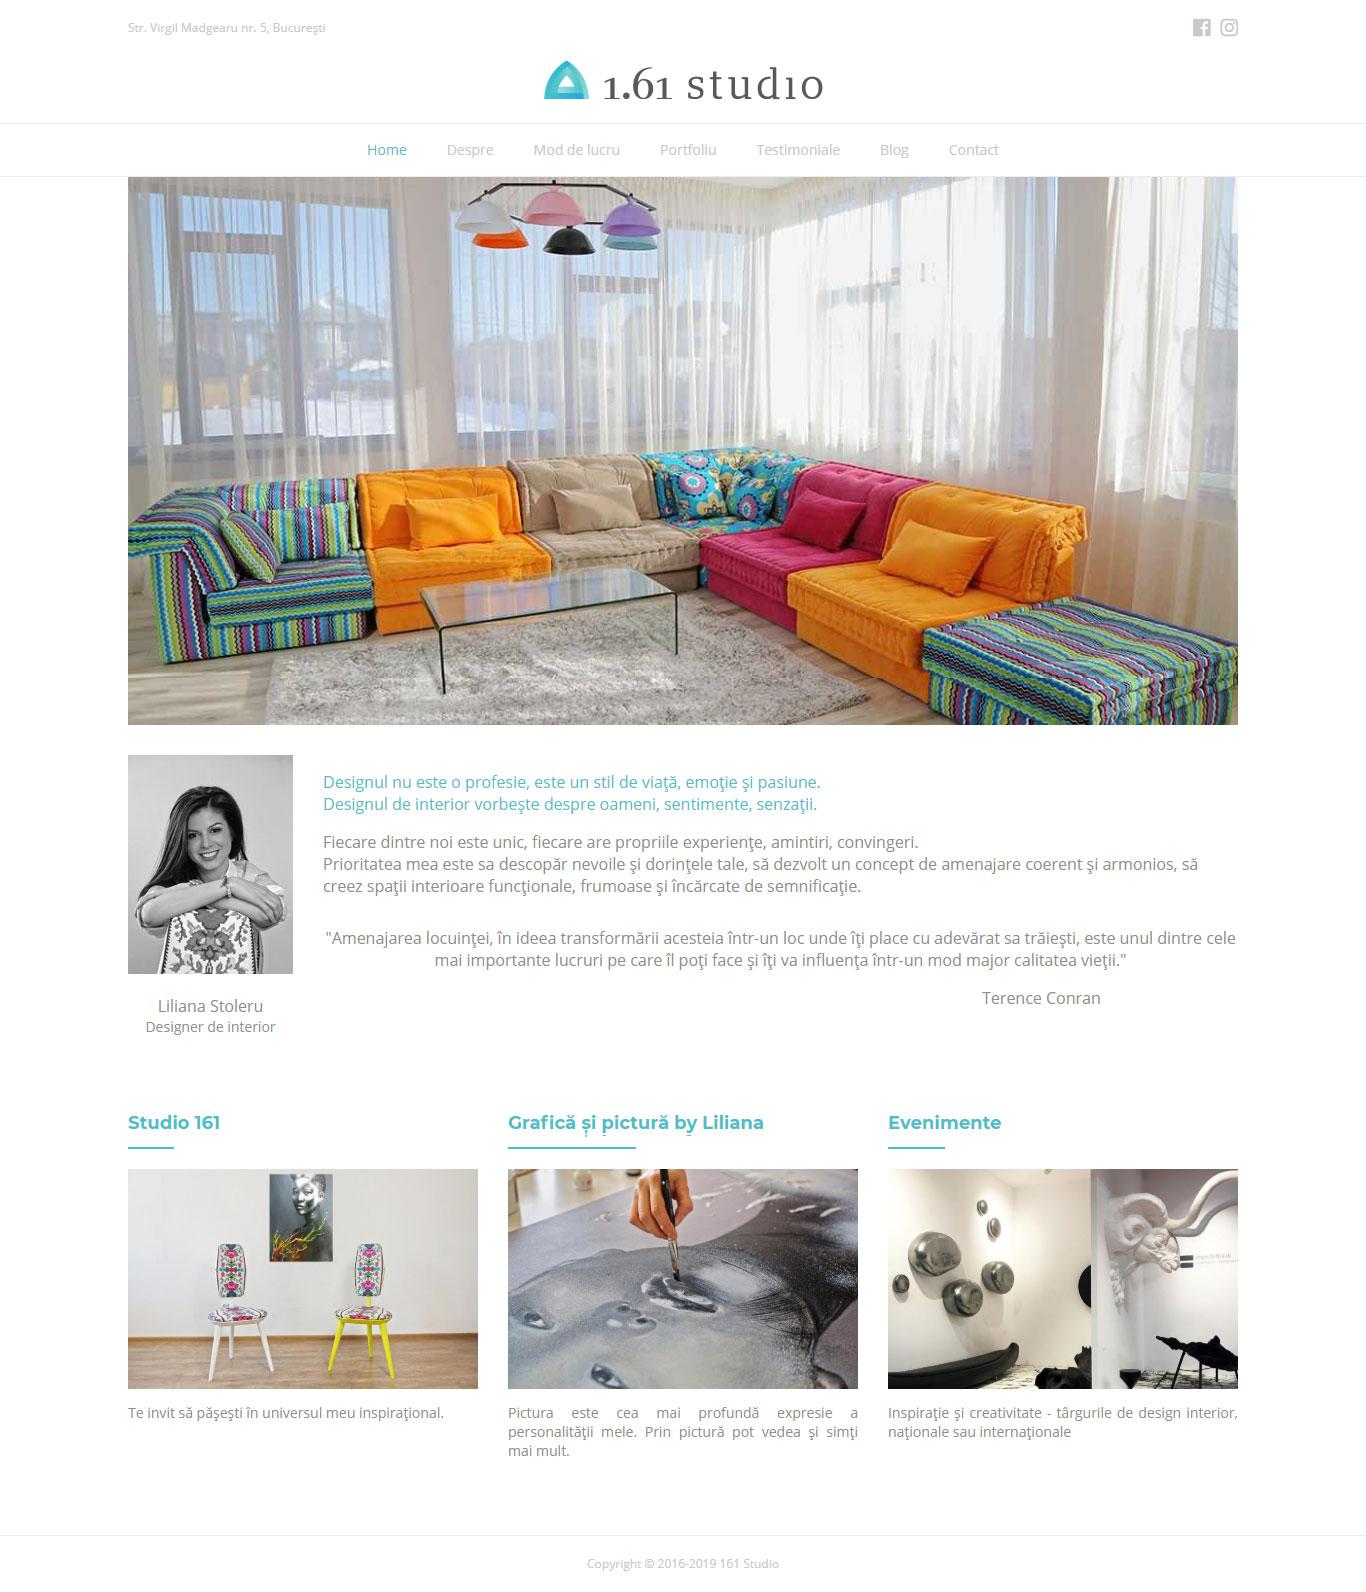 161 Studio website